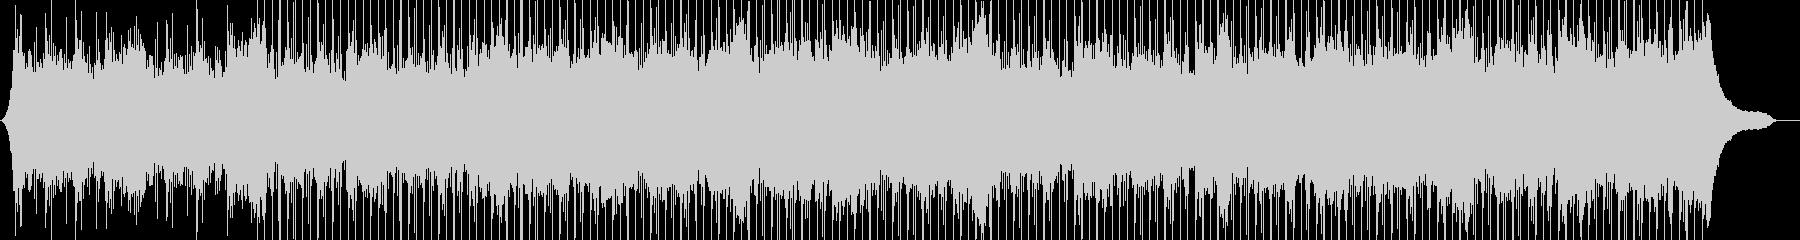 企業VP116、爽快、シンプル、ピアノaの未再生の波形